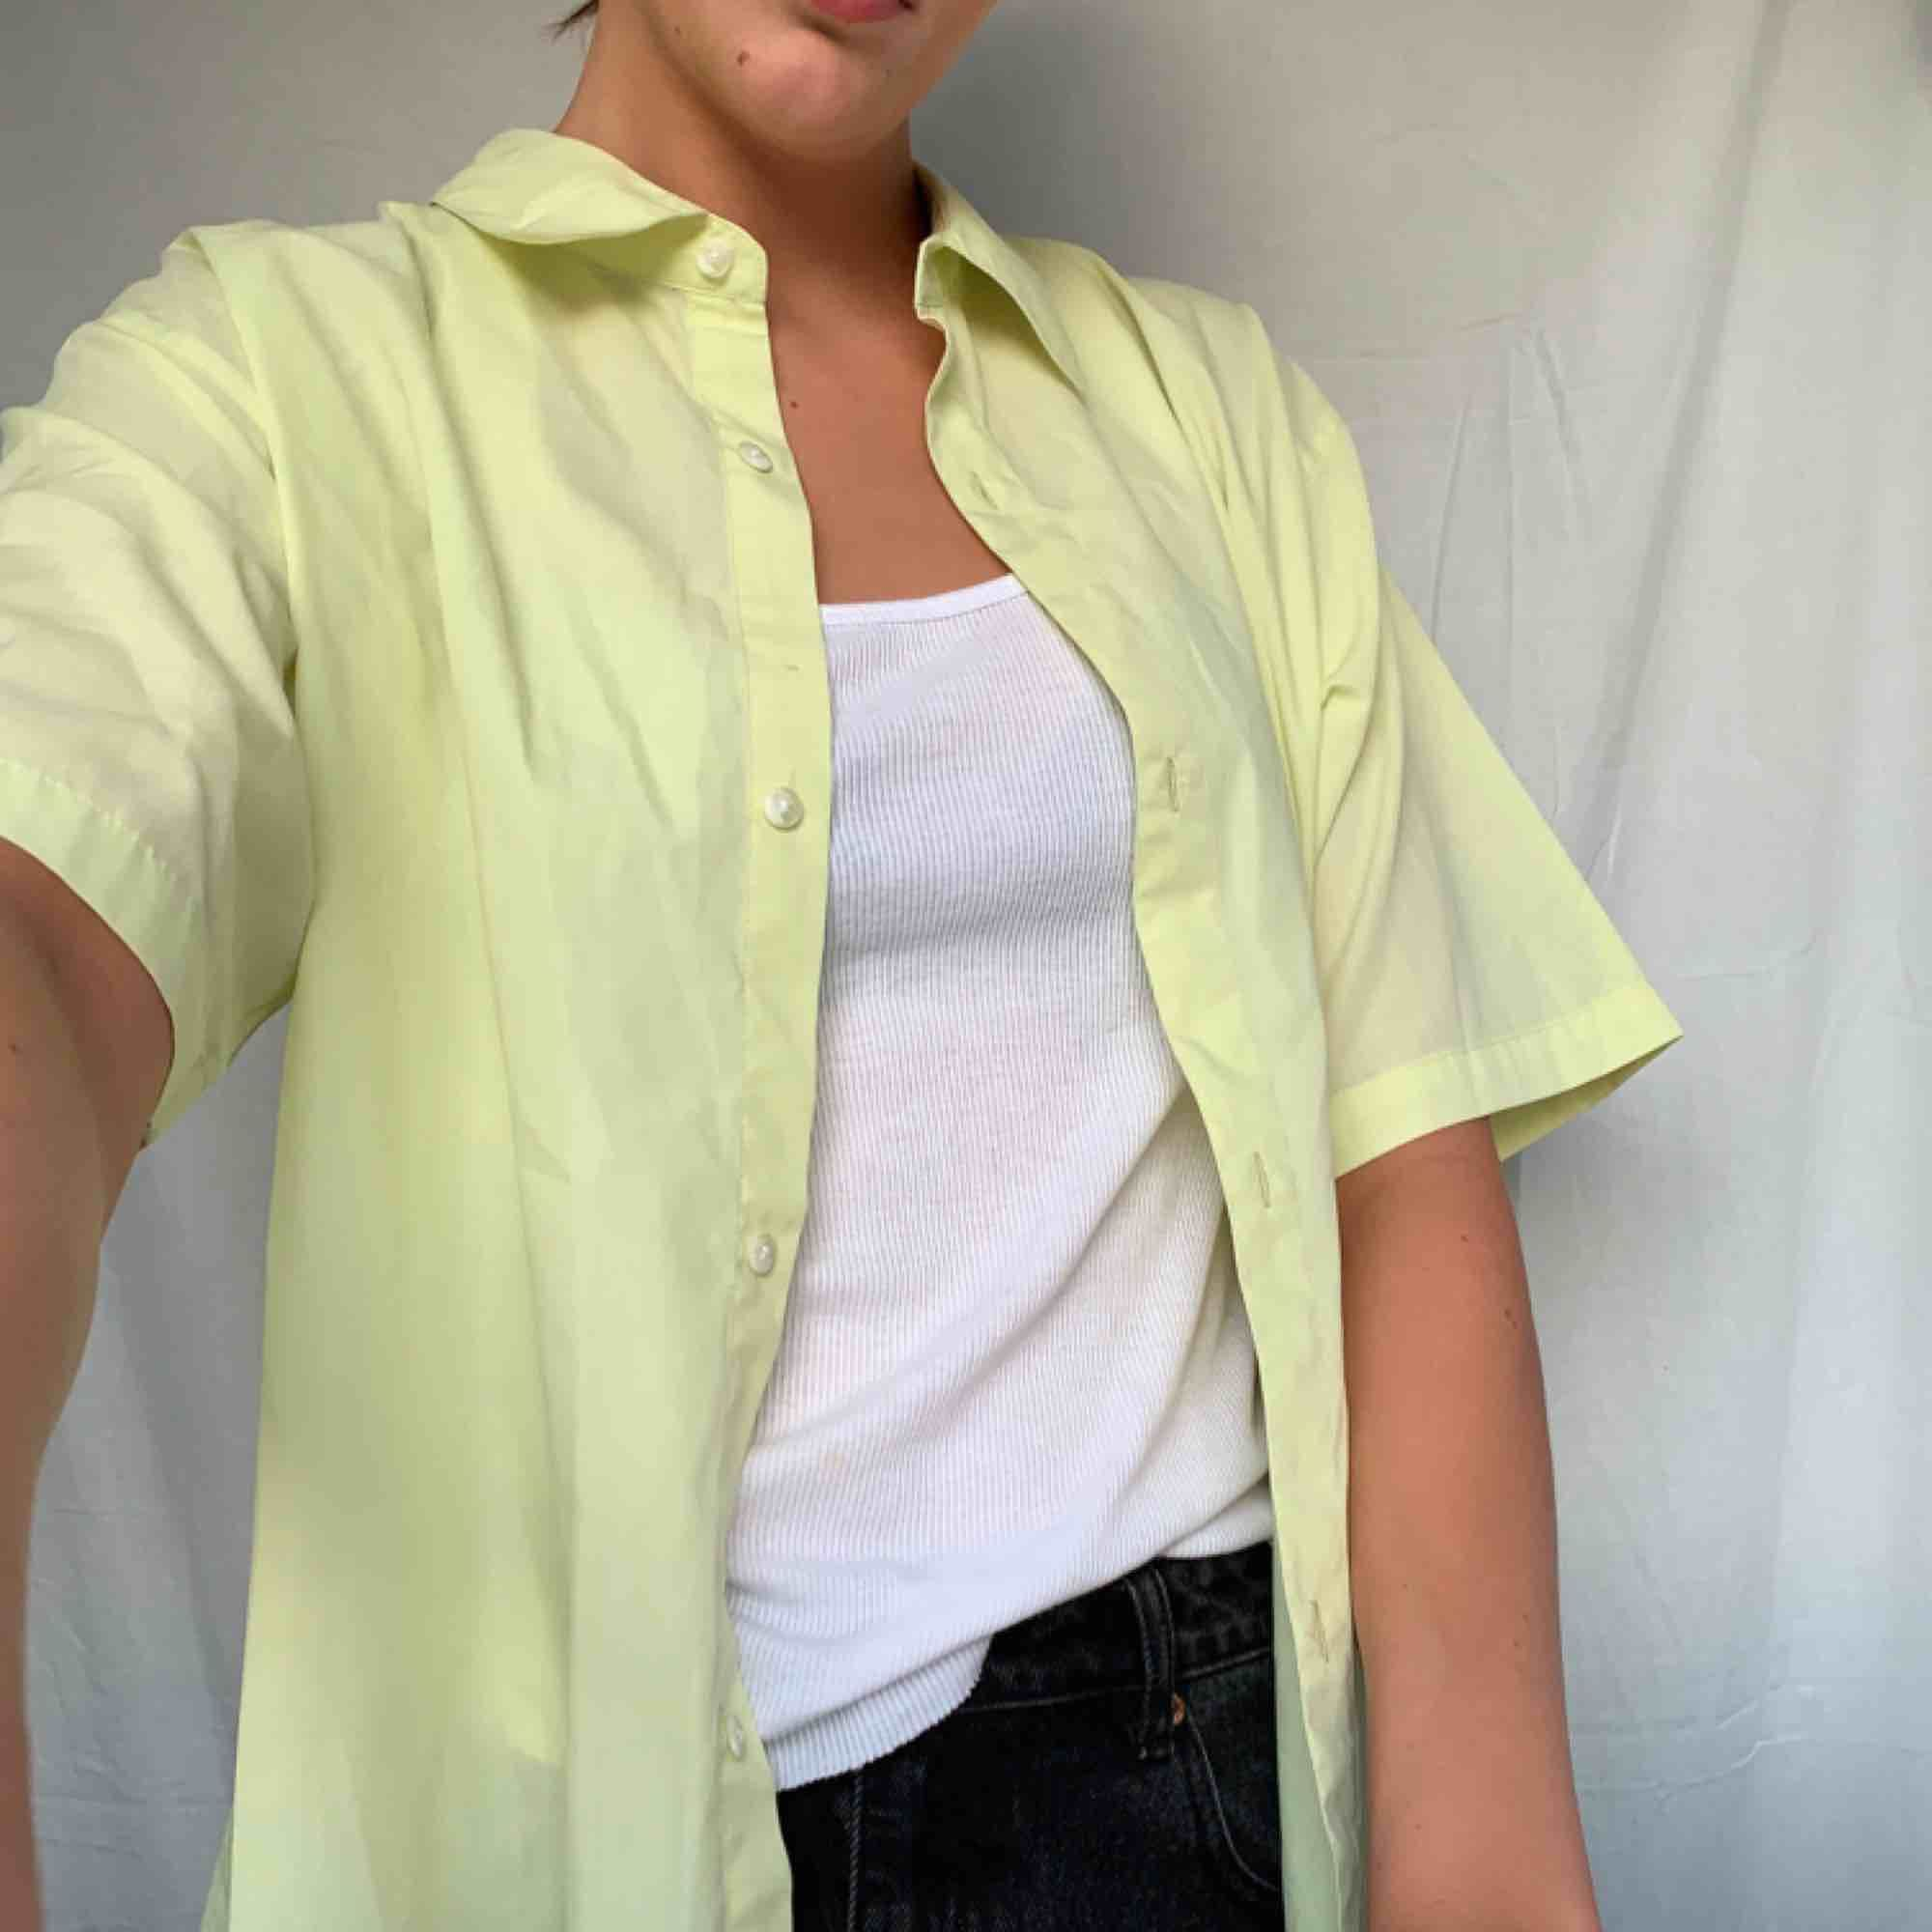 Ballaste skjortan behöver nytt hem, kan förekomma liten fläck men inget man tänker på!!Frakt tillkommer. Skjortor.